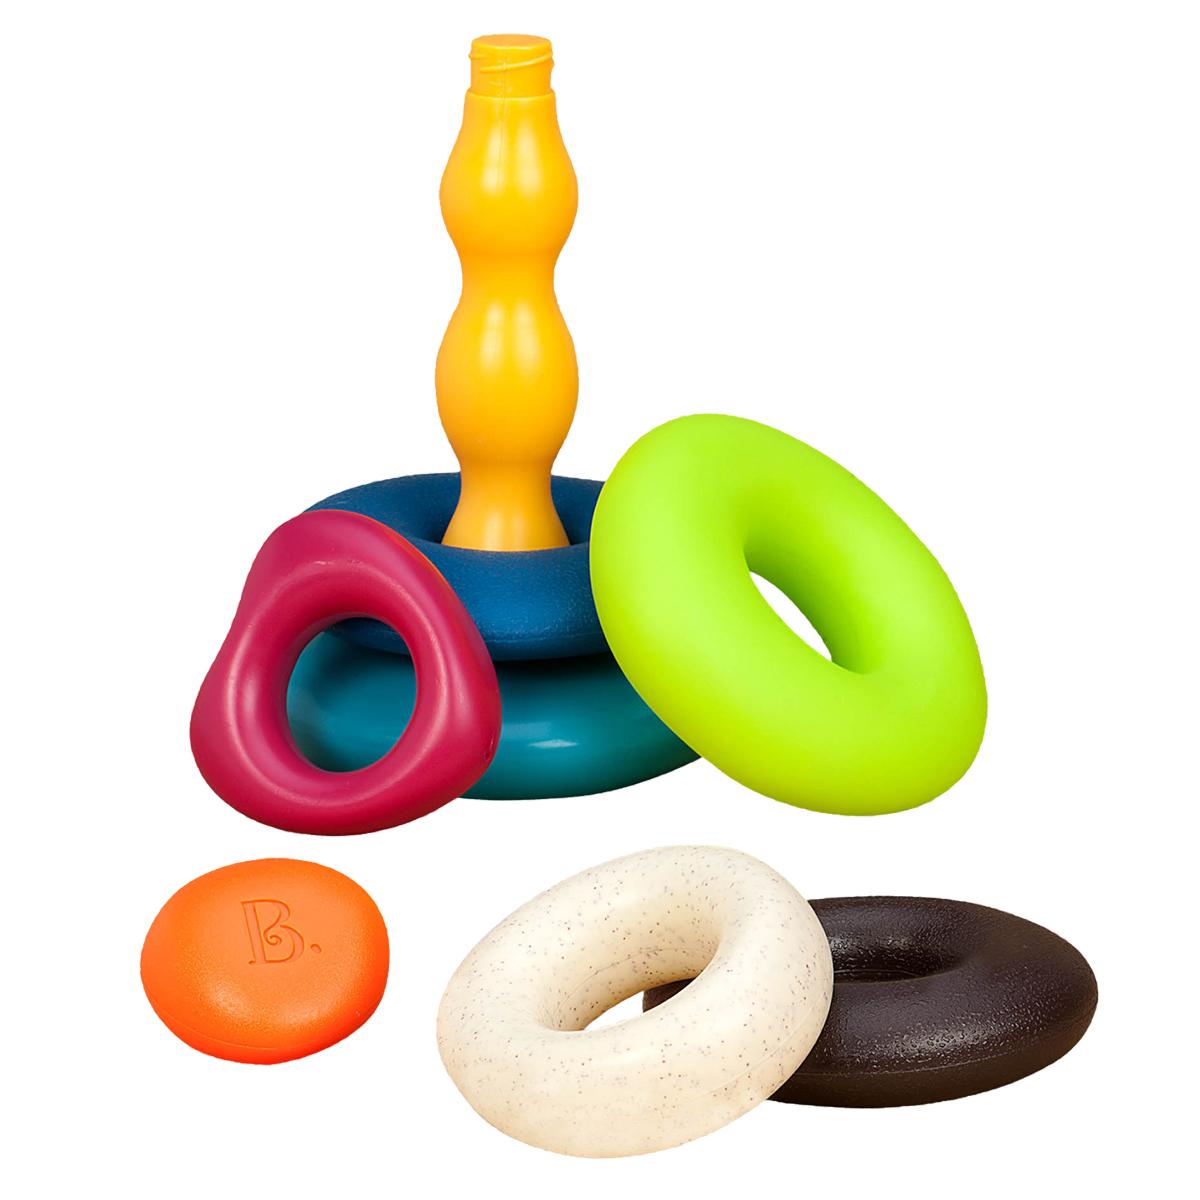 美国B.Toys 叠叠环堆叠玩具 儿童益智叠叠乐婴儿动手玩具多彩套圈